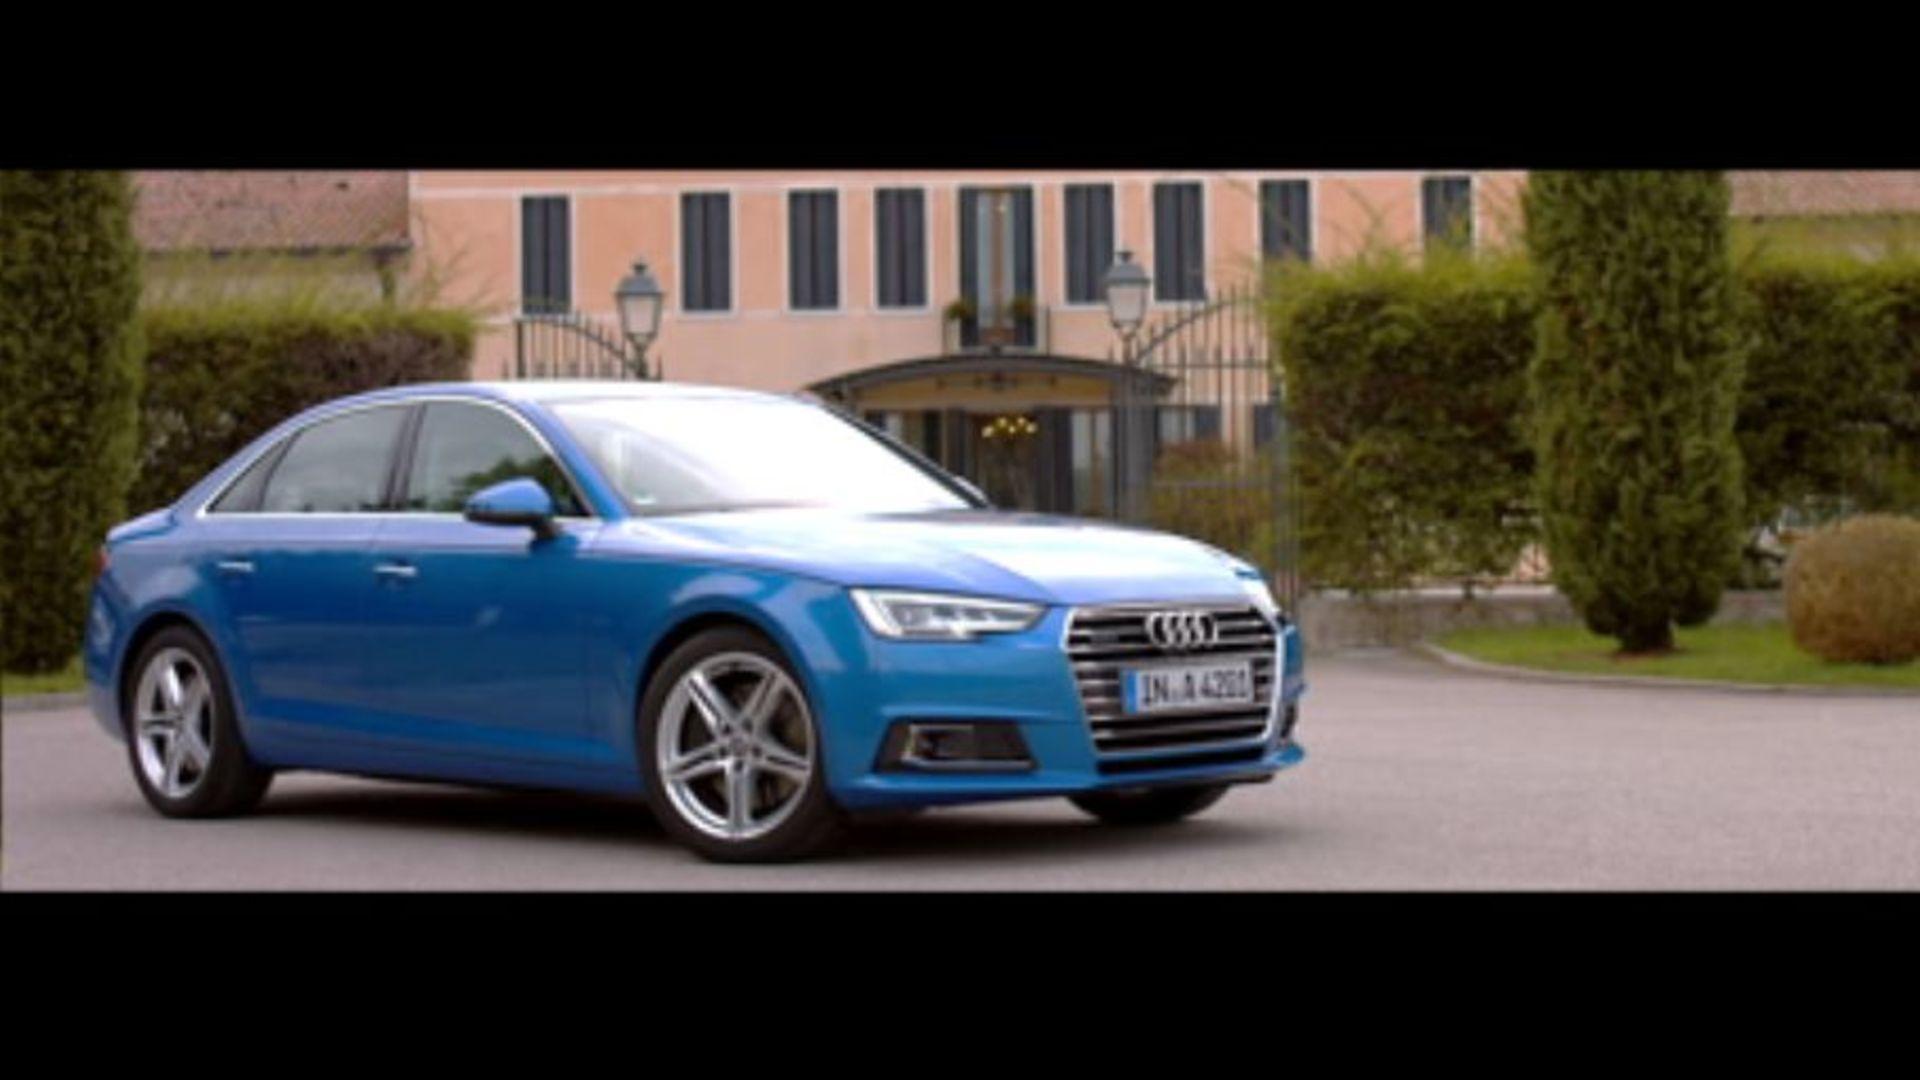 Audi A4 (2015) - Trailer Venice